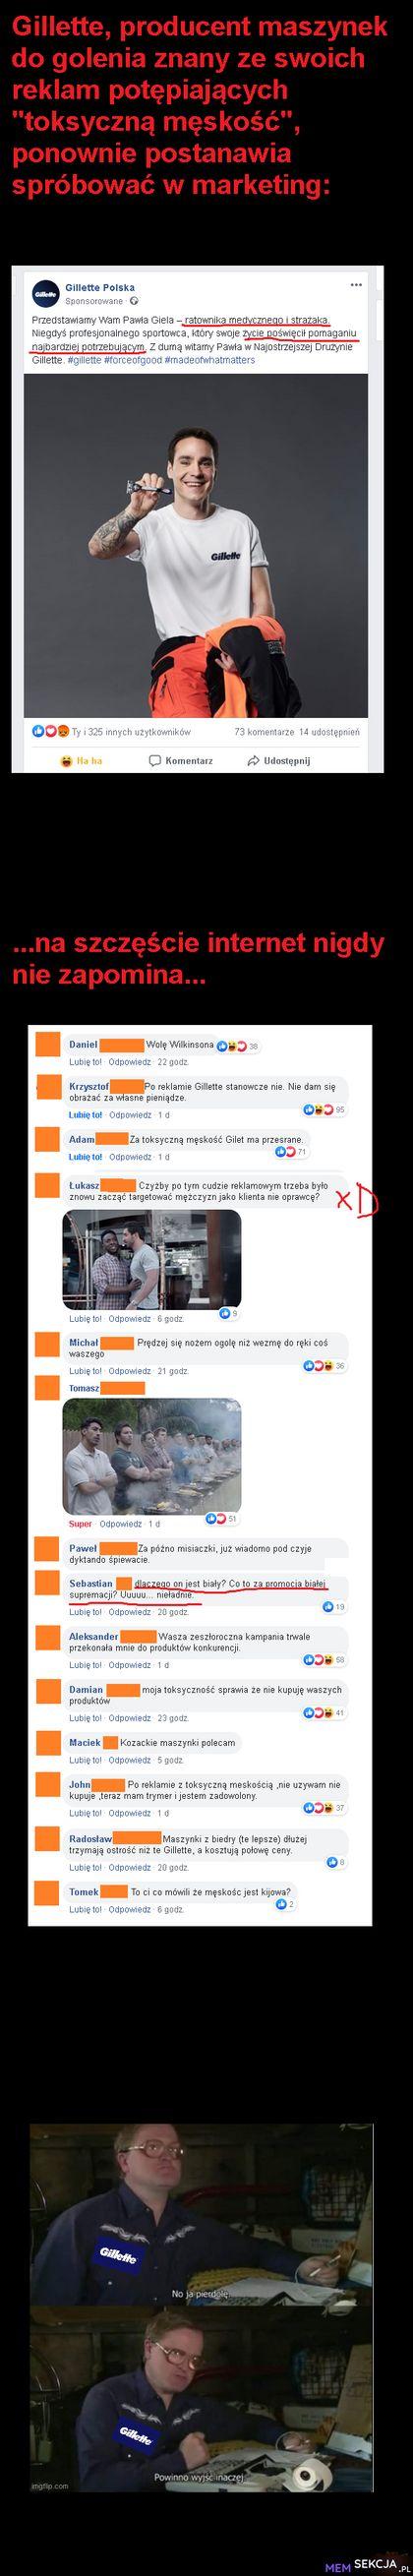 Internet nie zapomina, nie zapomniał też reklamy gillette